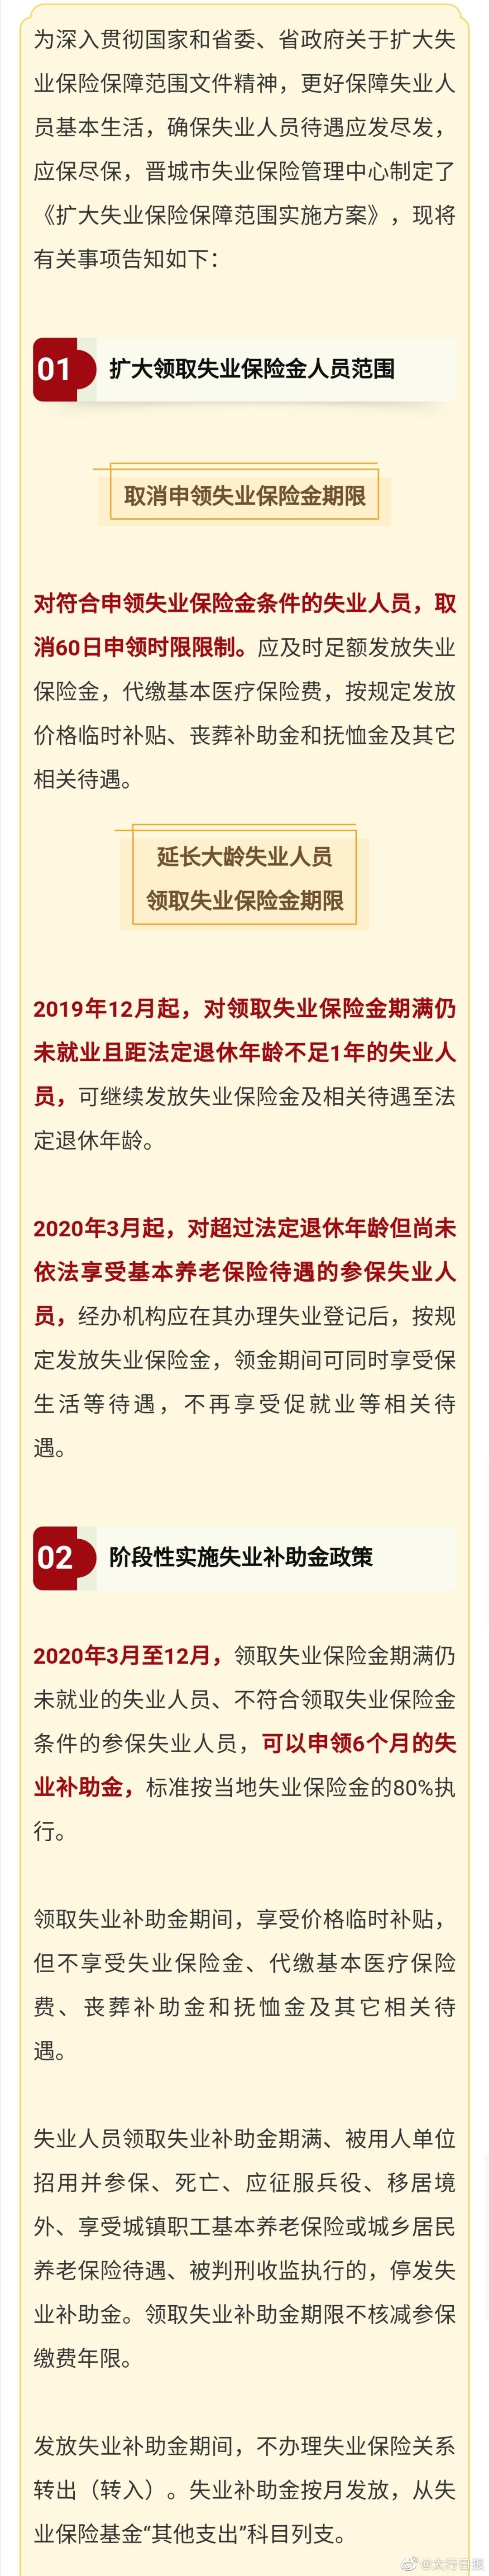 对符合申领失业保险金条件的失业人员,取消60日申领时限限制